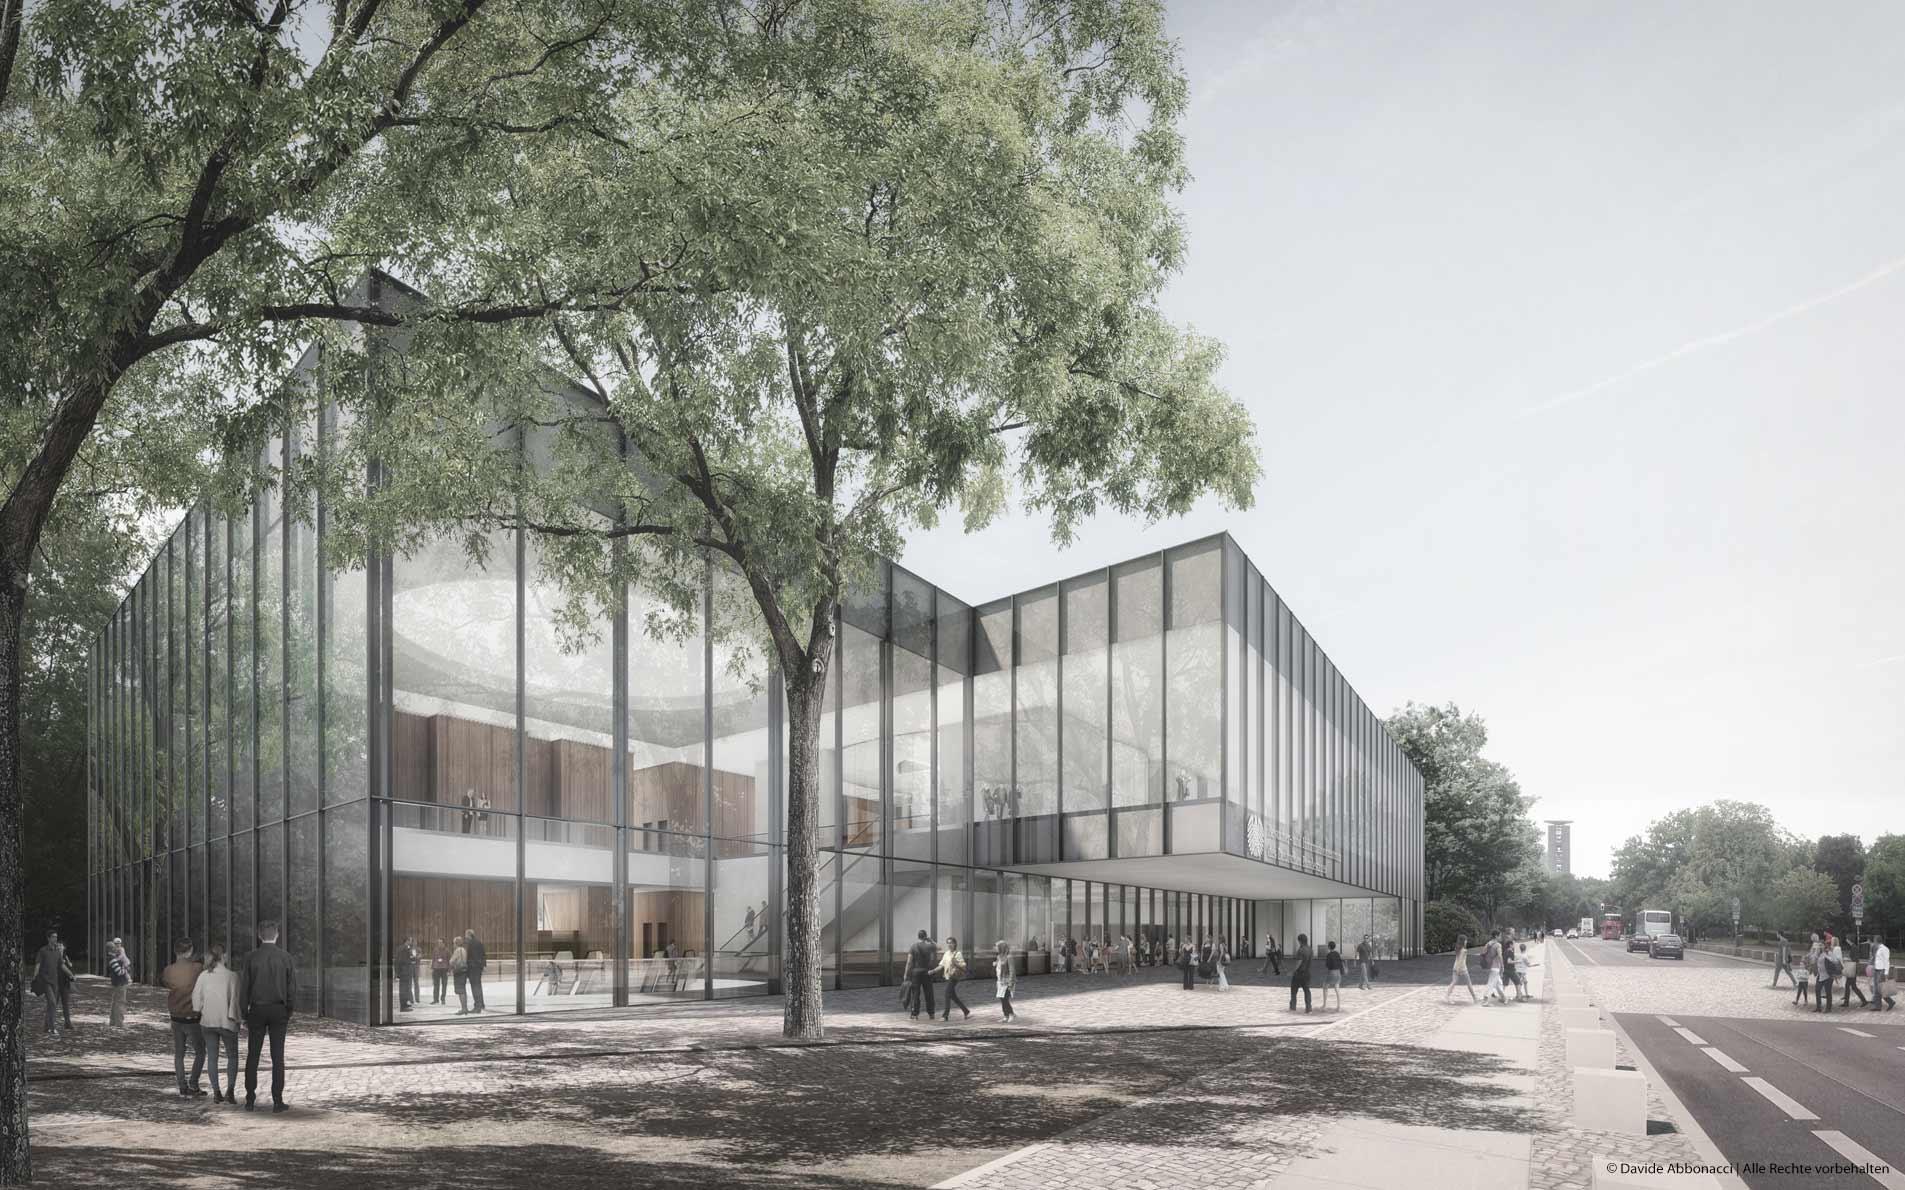 Besucher- und Informationszentrum des Deutschen Bundestages, Berlin | Weis & Volkmann Architekten | 2016 Wettbewerbsvisualisierung